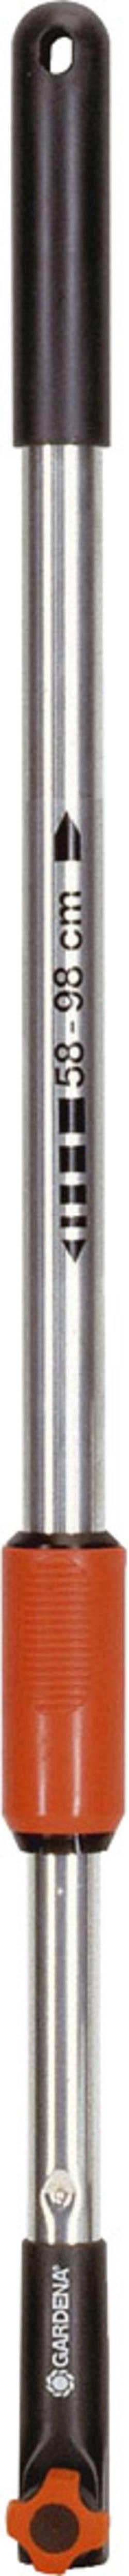 Image of Aluminiumstiel 98 cm Gardena Combisystem 03516-20